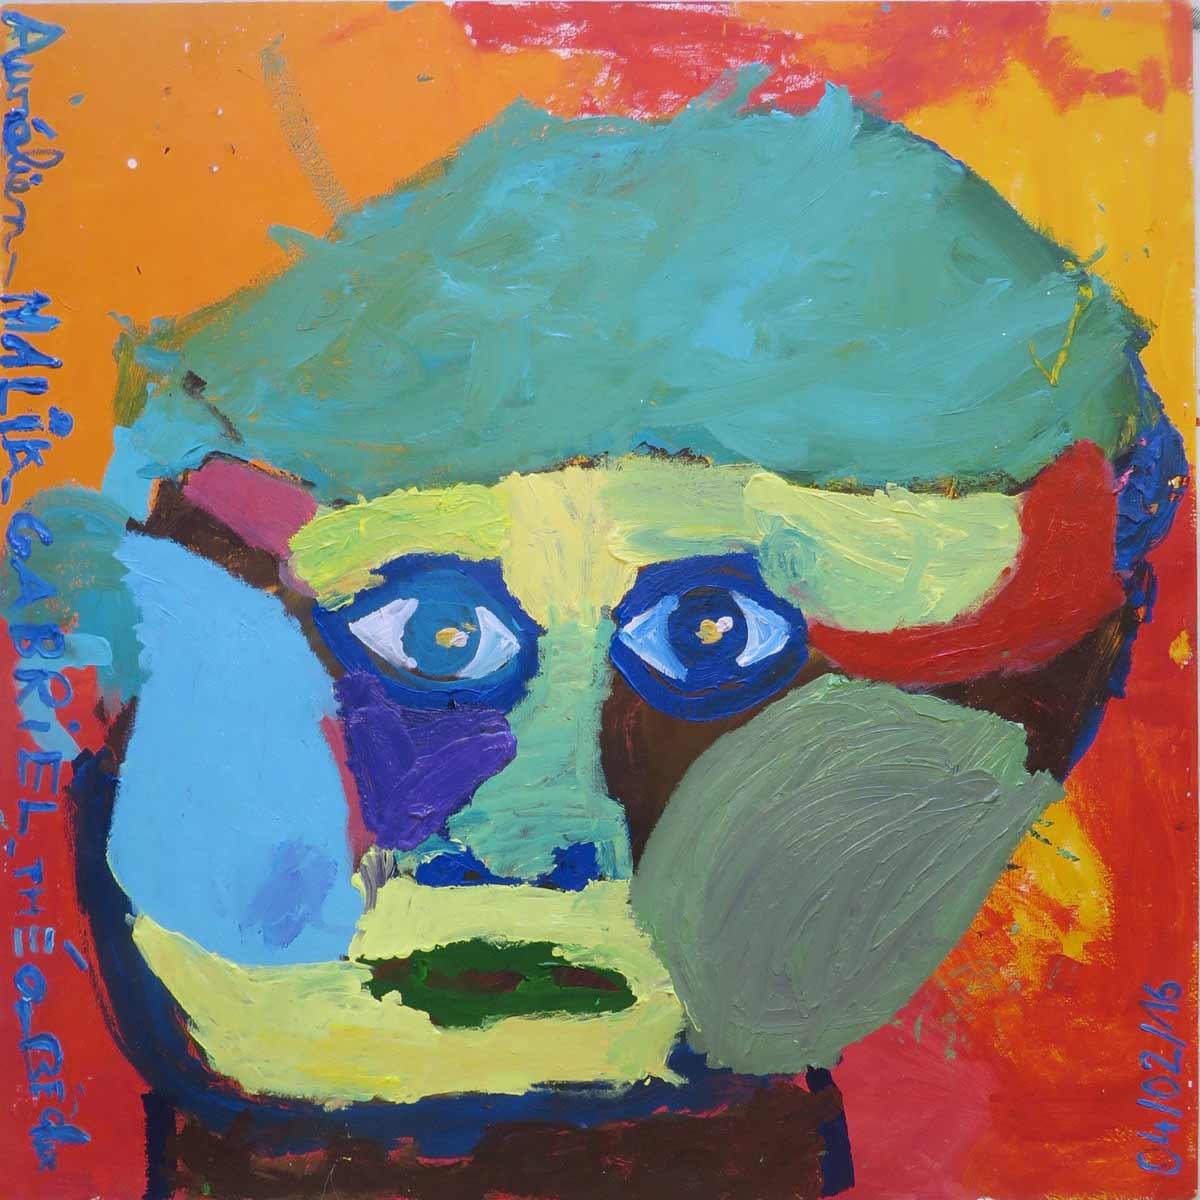 Favori Peindre un portrait sur un très grand format avec des enfants  HJ55